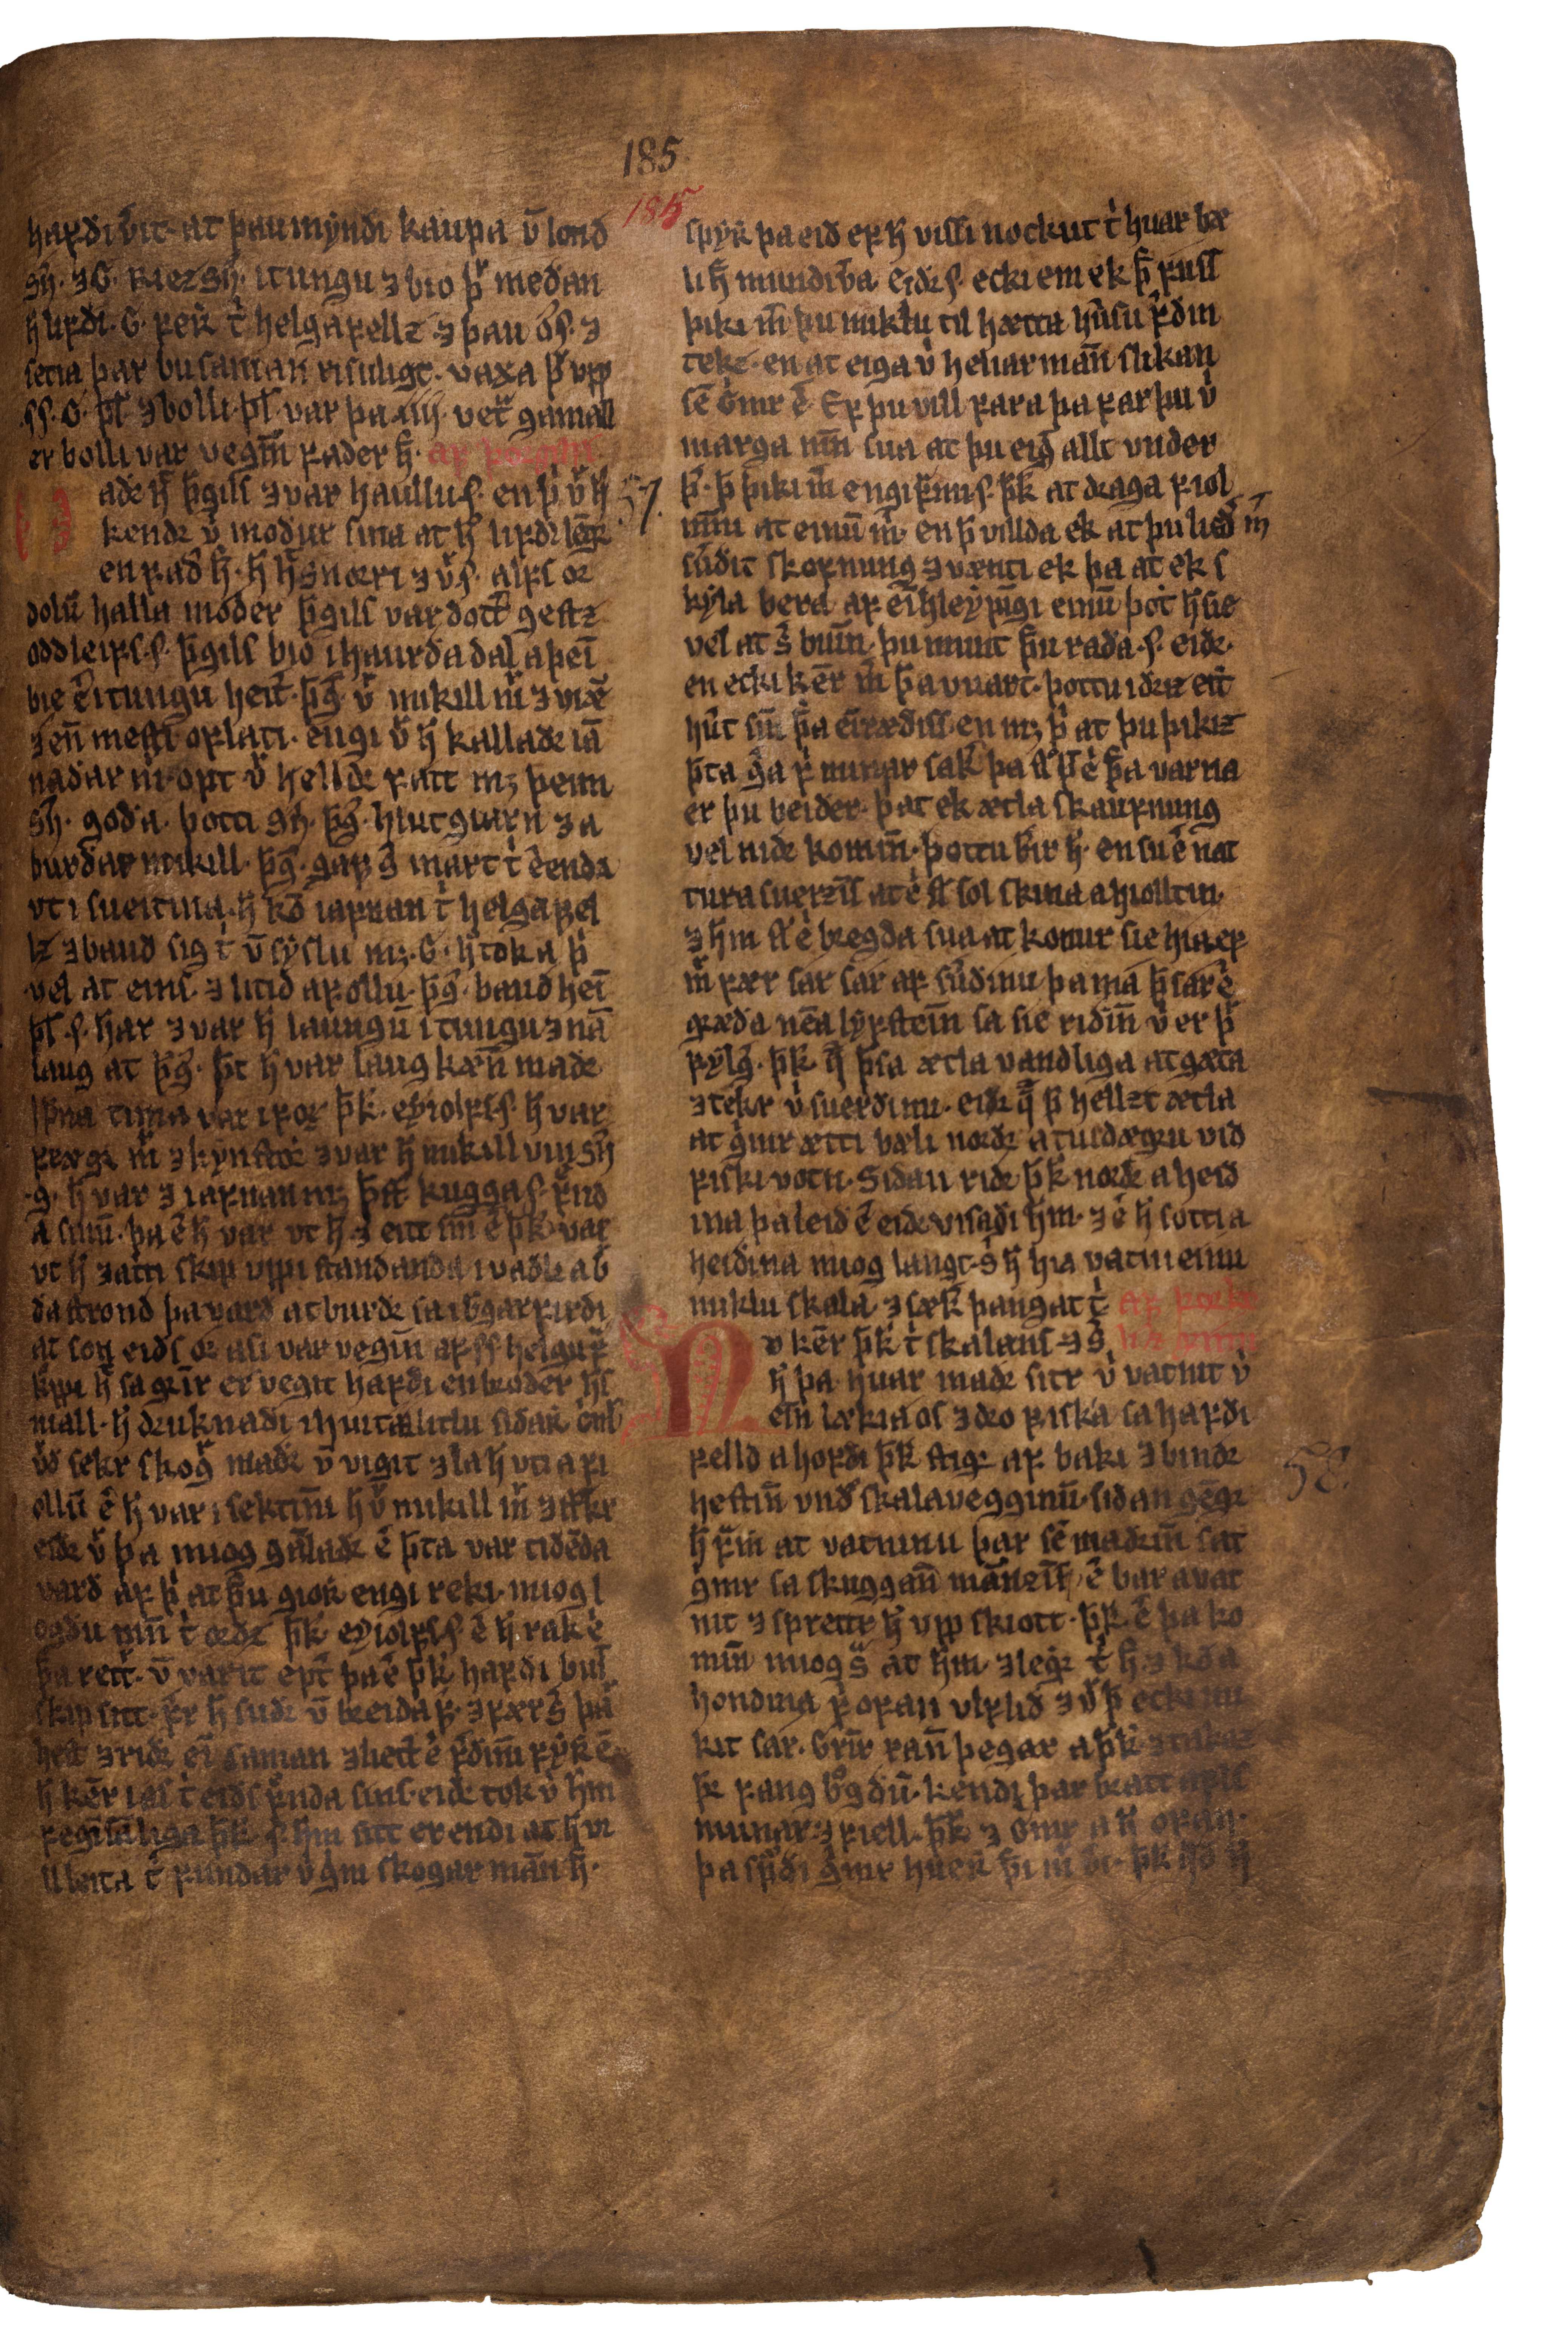 AM 132 fol - 185r